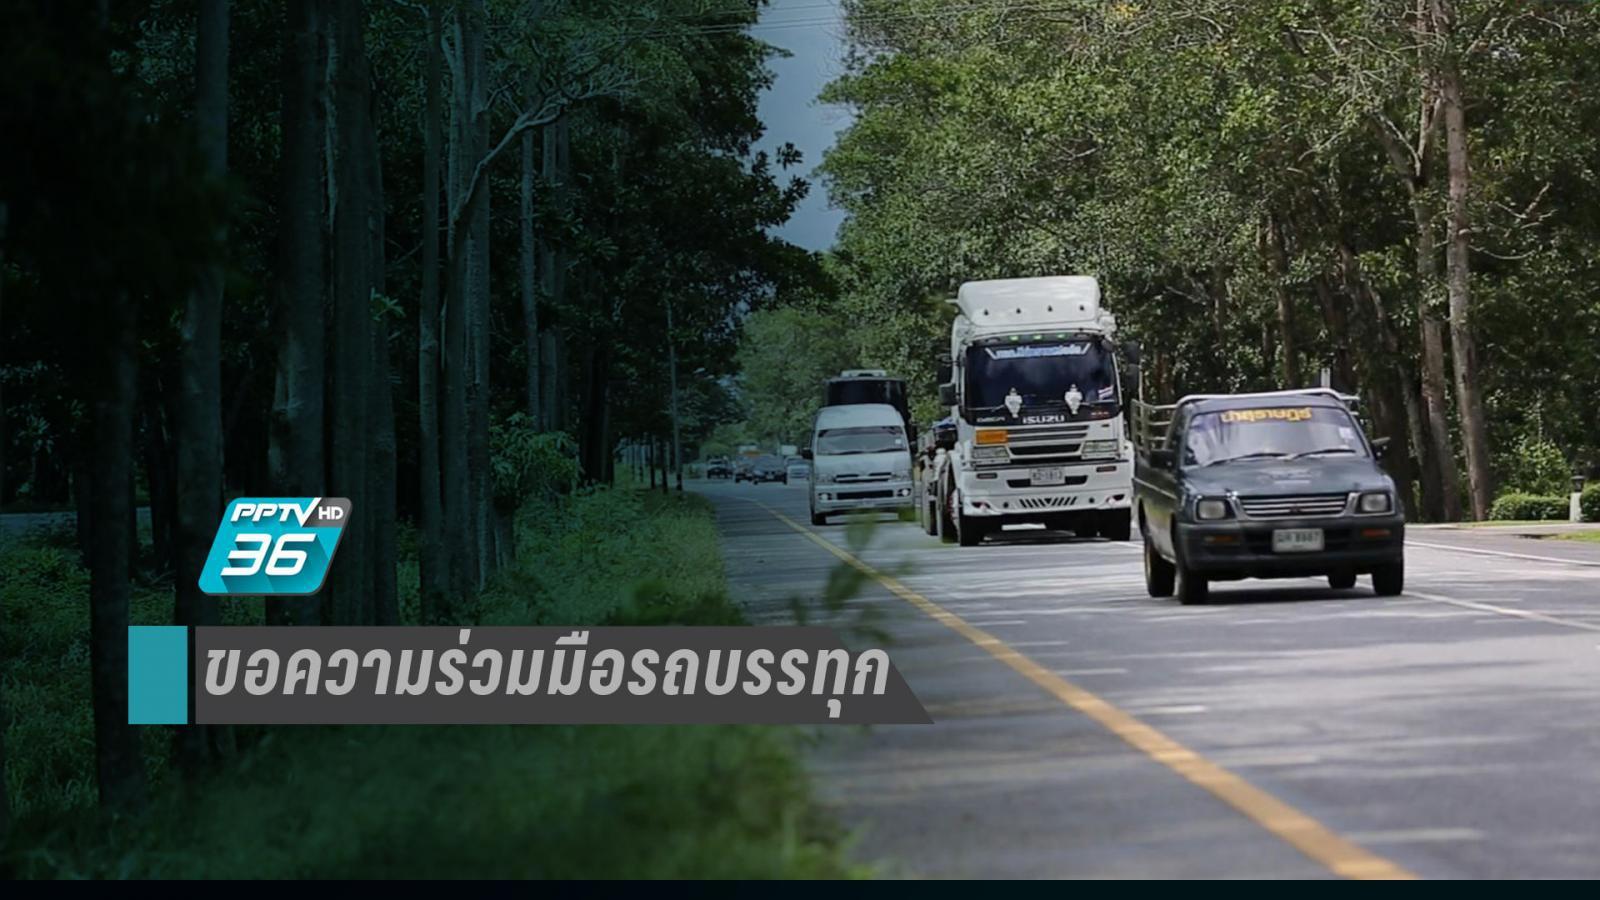 ขอความร่วมมือรถบรรทุก เลี่ยงขนสินค้าช่วงเข้าพรรษา-ห้ามจอดไหล่ทางหวั่นอุบัติเหตุ